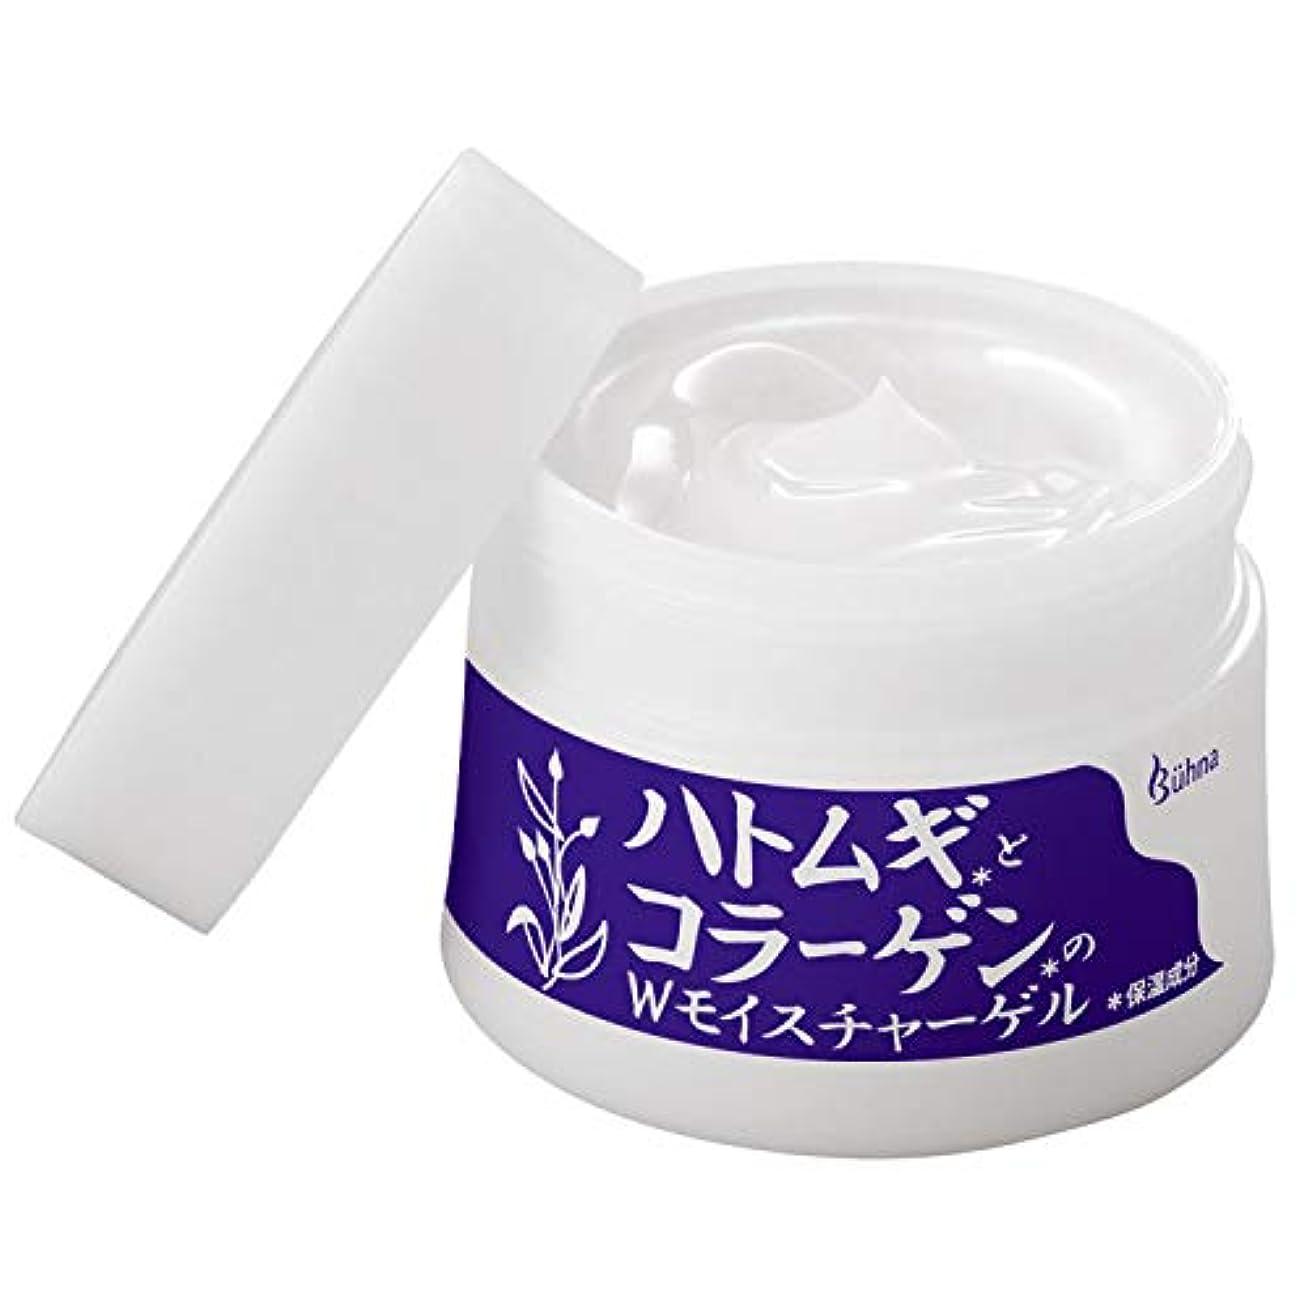 法律により多くの危険がある状況心からビューナ ハトムギとコラーゲンのWモイスチャーゲル150g 保湿 オールインワン 美容液 化粧水 乳液